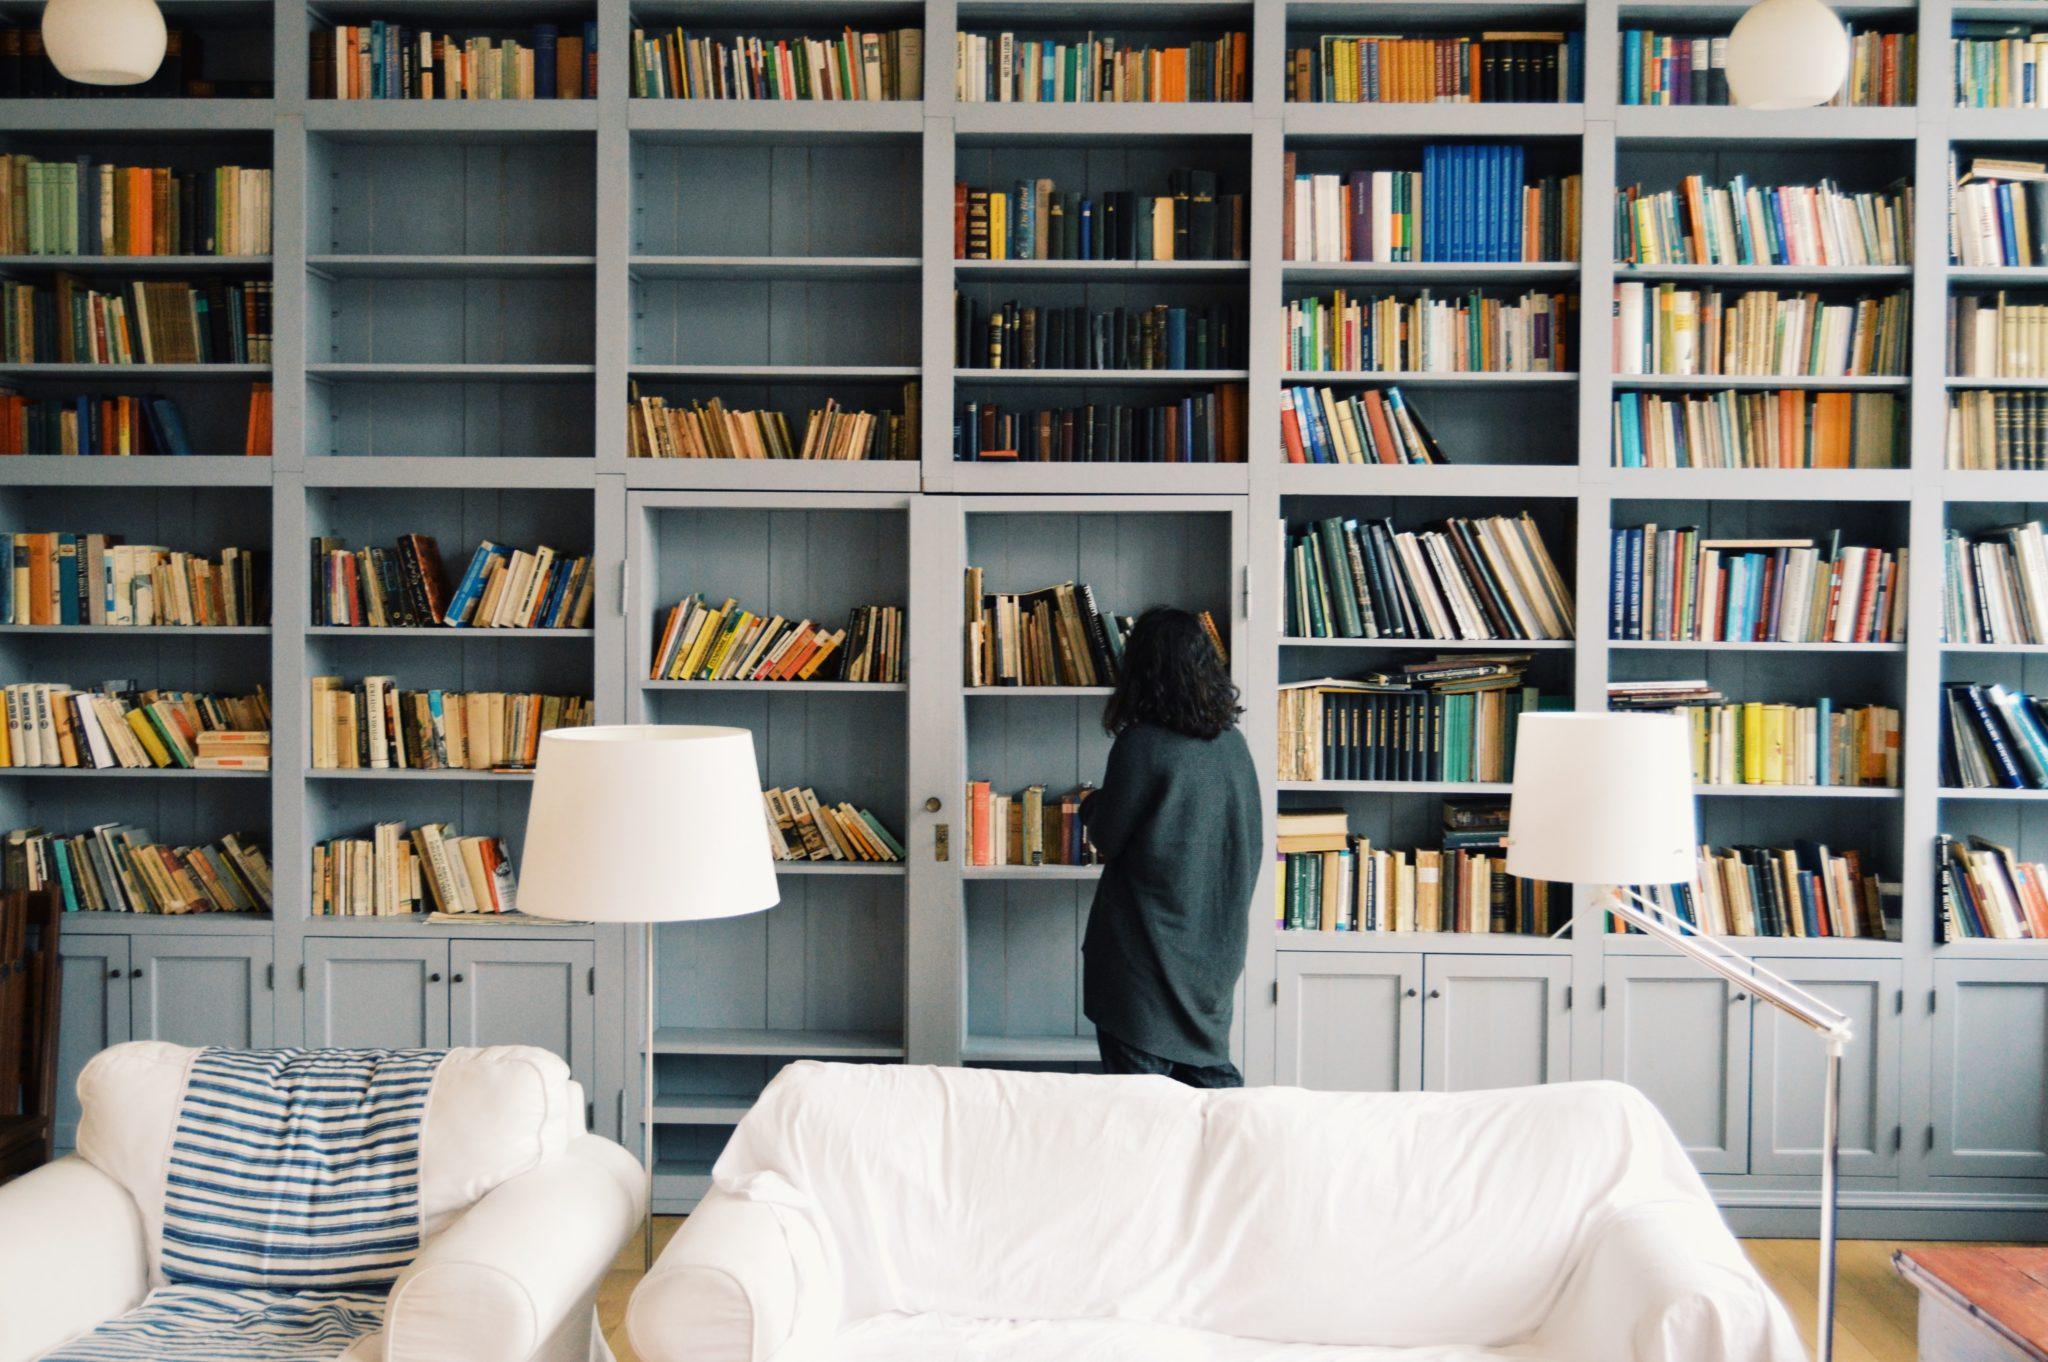 Stor bokhylla full med böcker